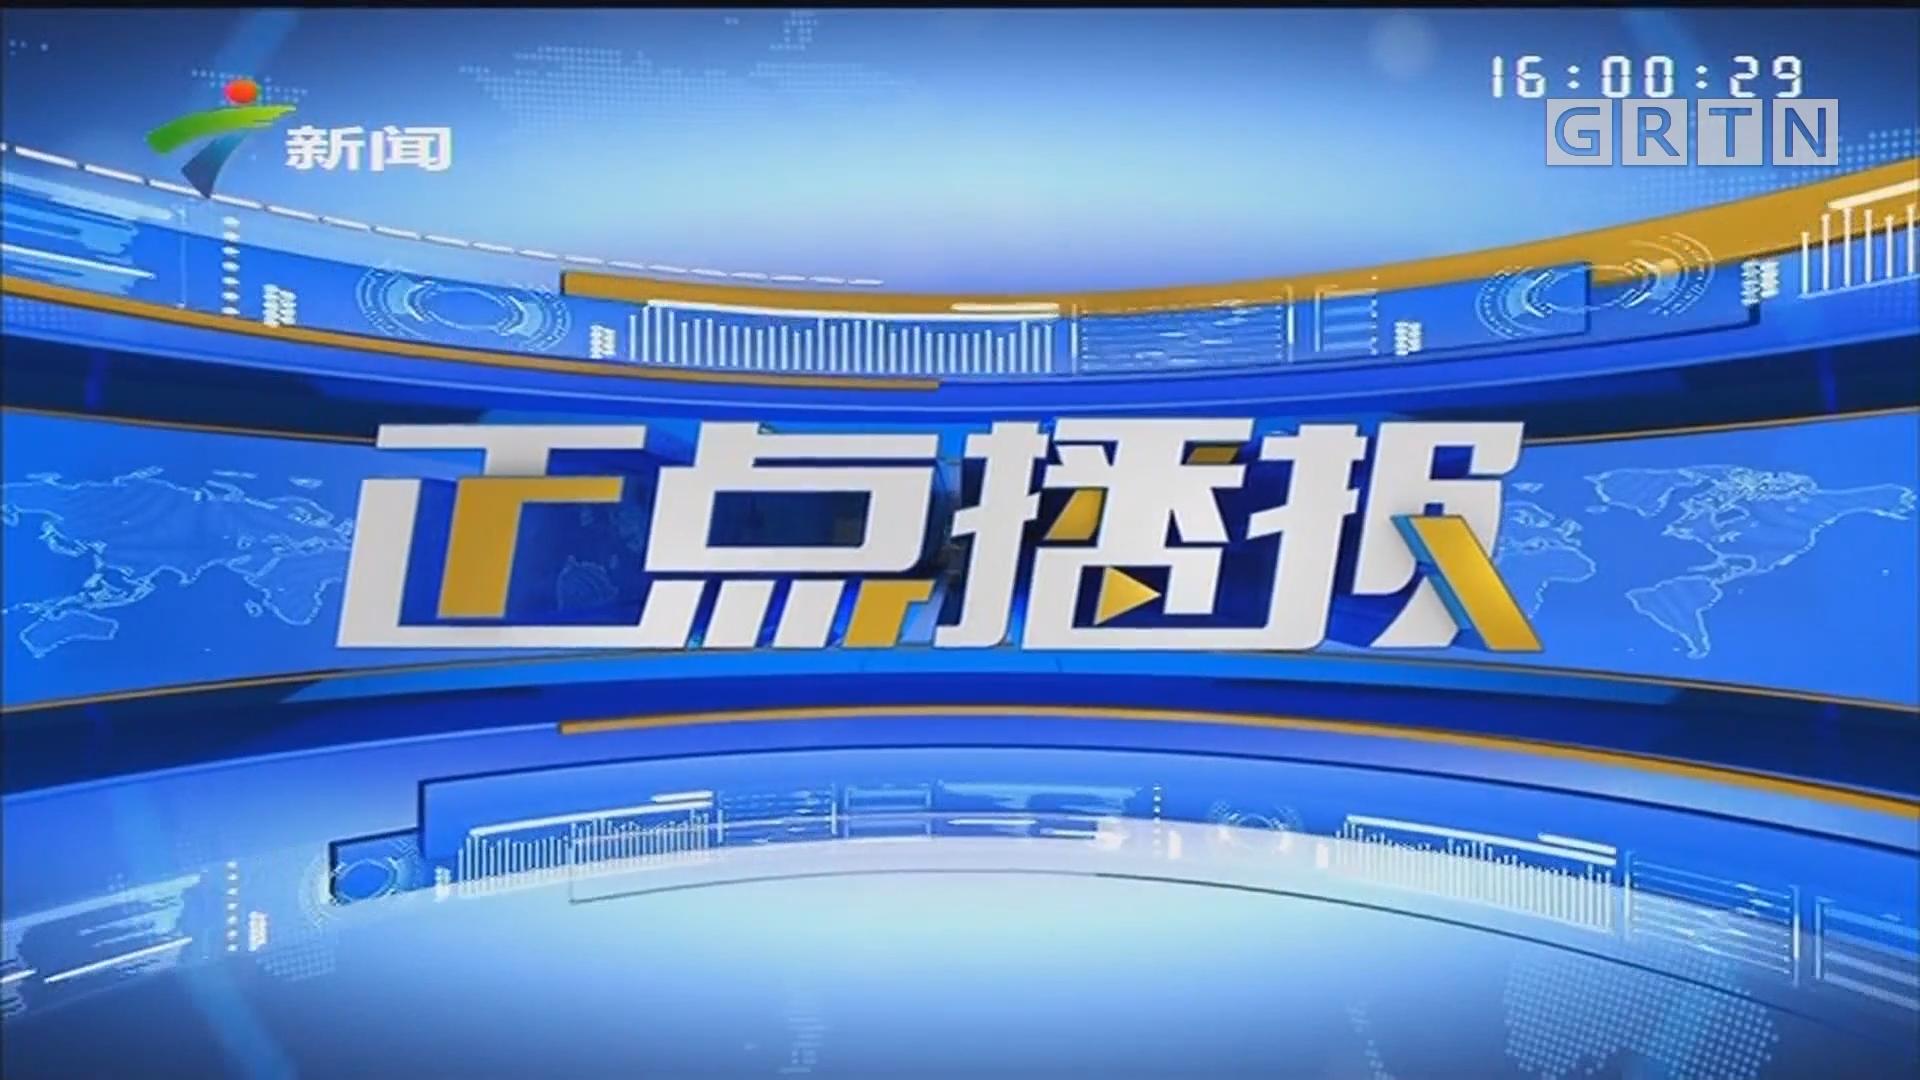 [HD][2019-11-18-16:00]正点播报:广州 法院判决:主犯获刑五年 其余14名被告均获刑